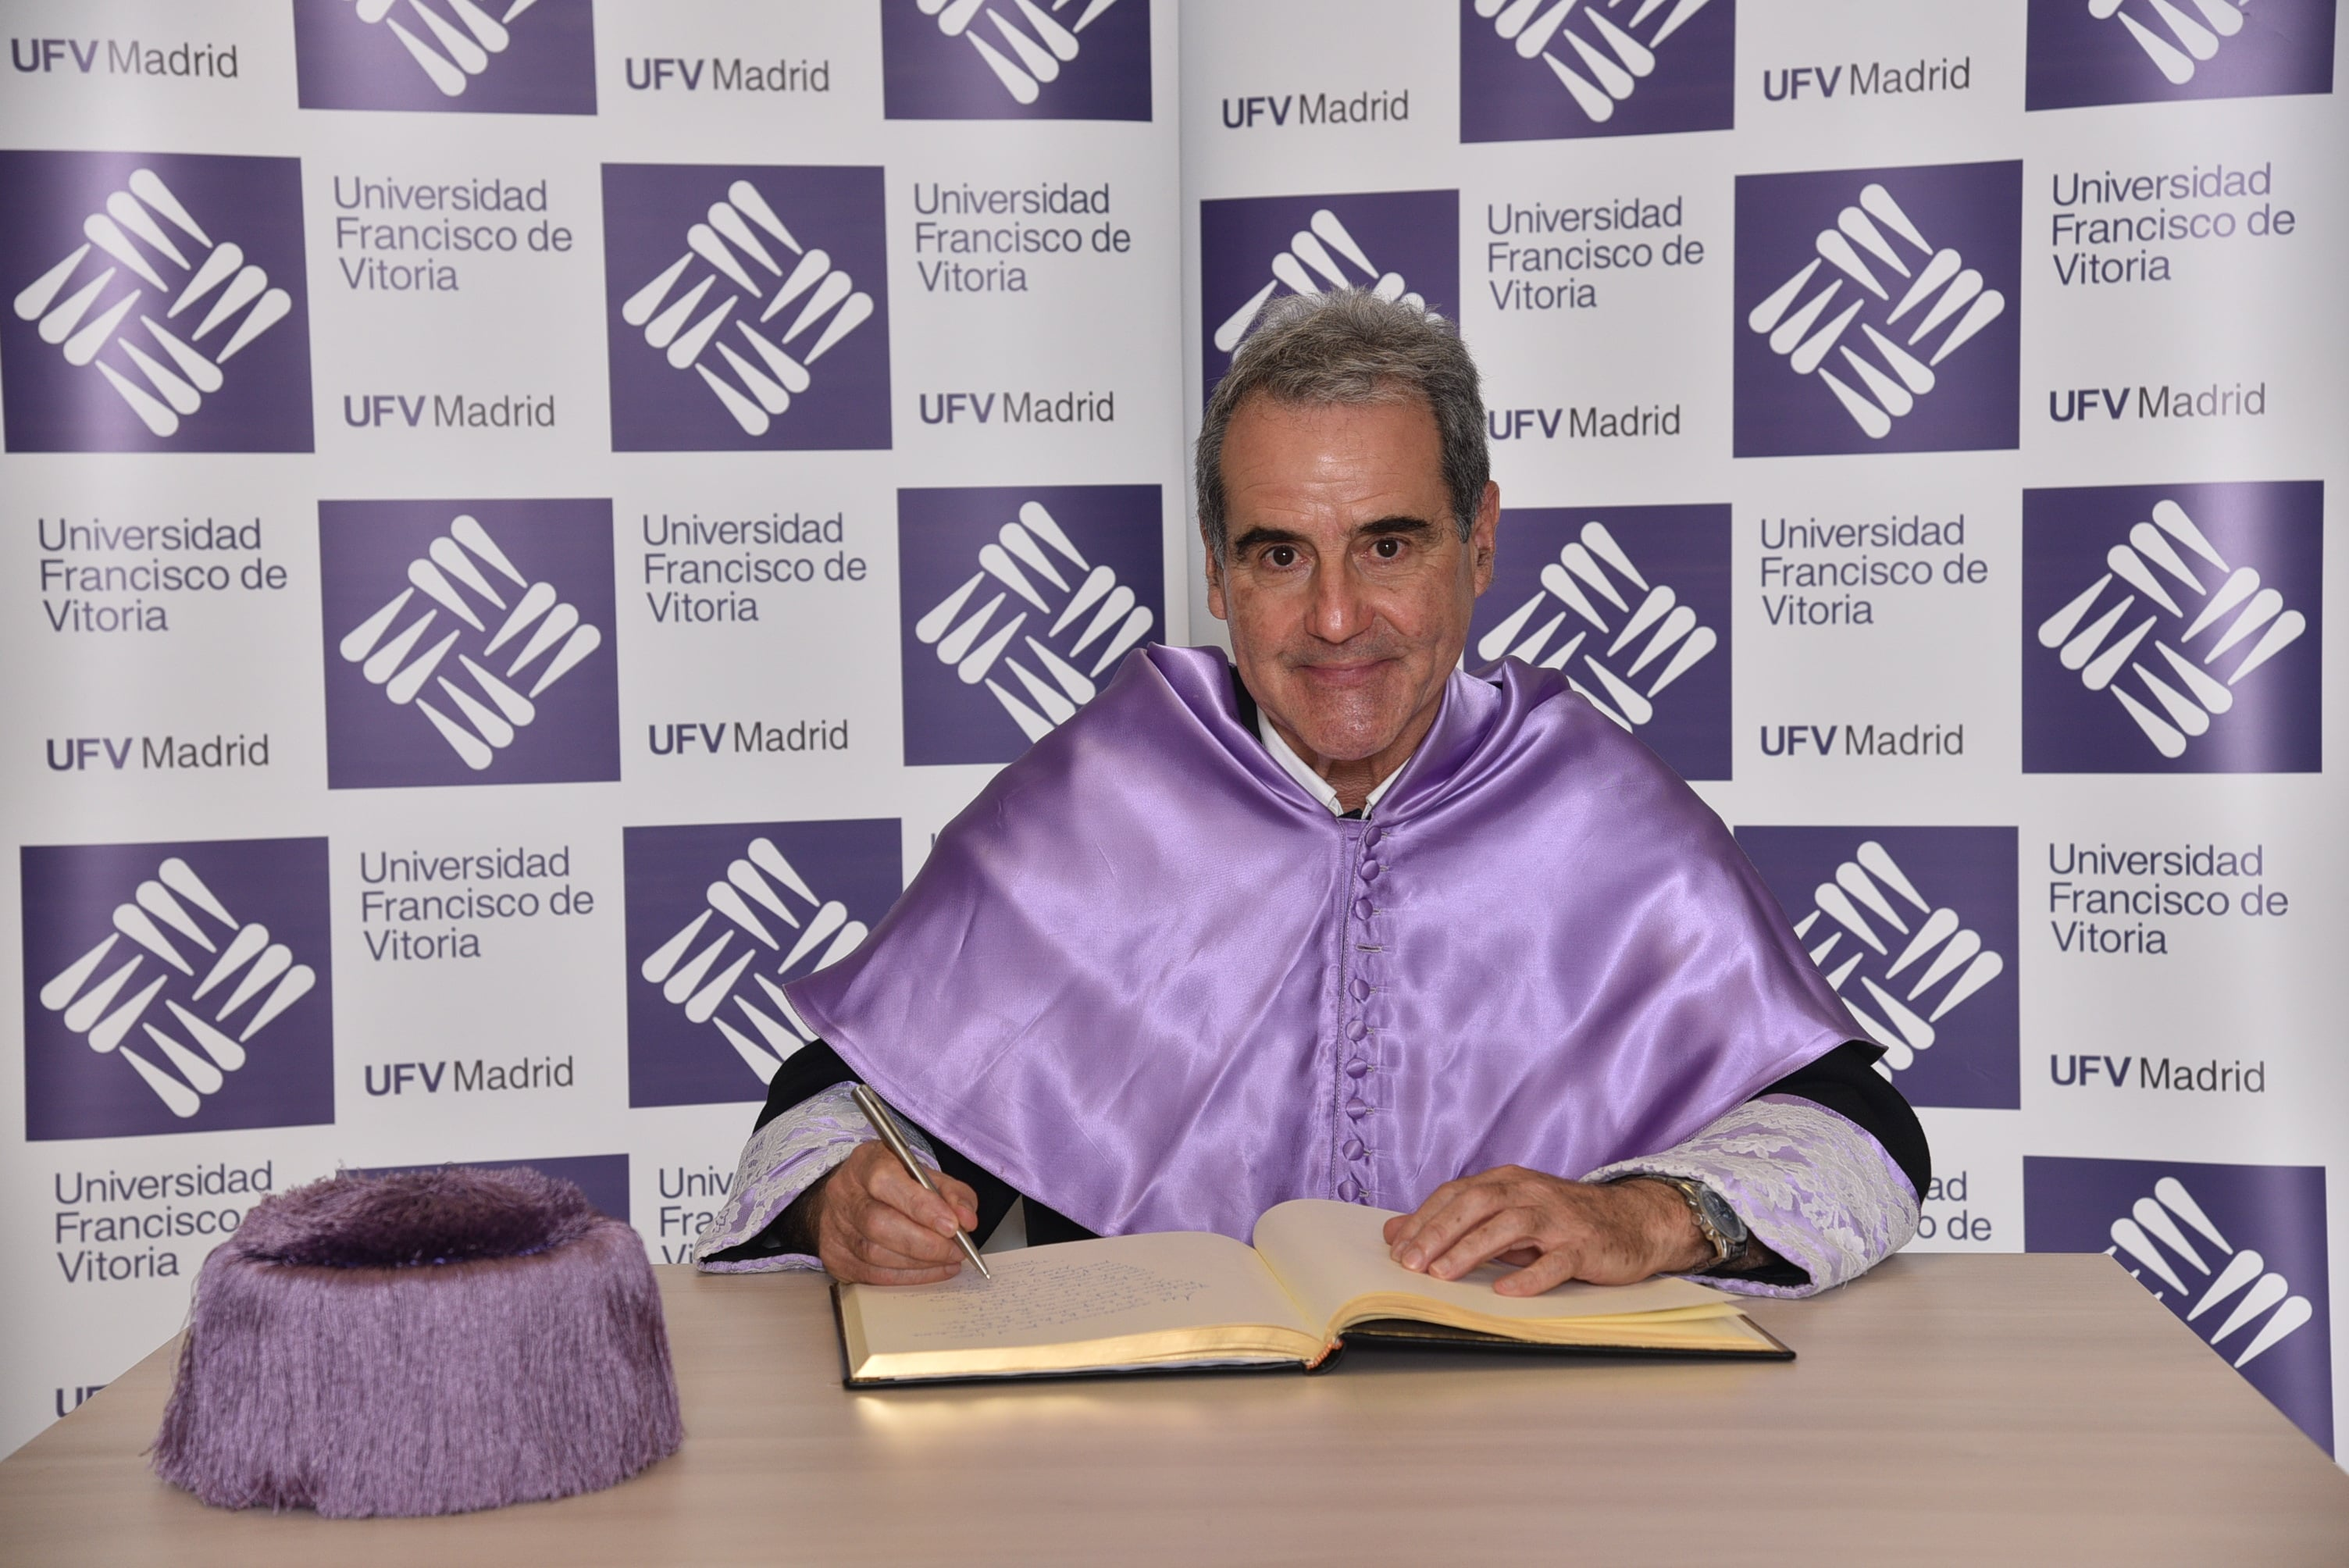 210703UFV2 877 min Actos académicos Estudiar en Universidad Privada Madrid